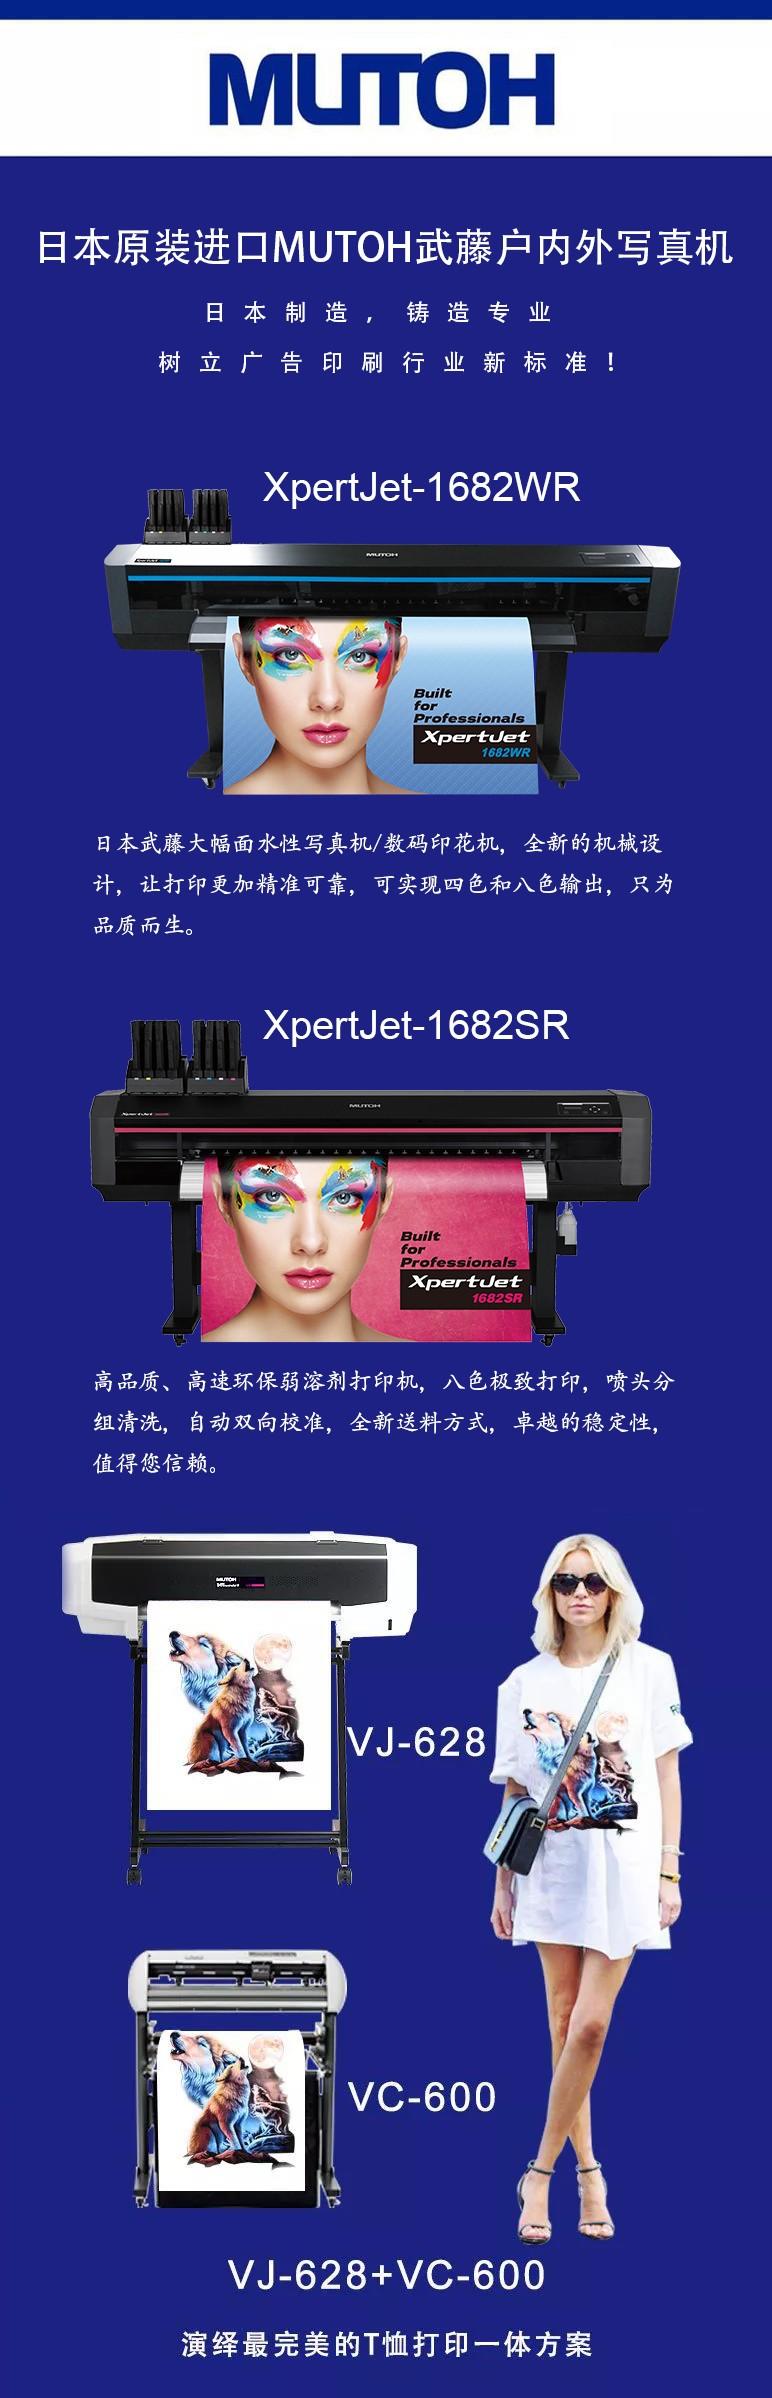 微信图片_20200528151930.jpg